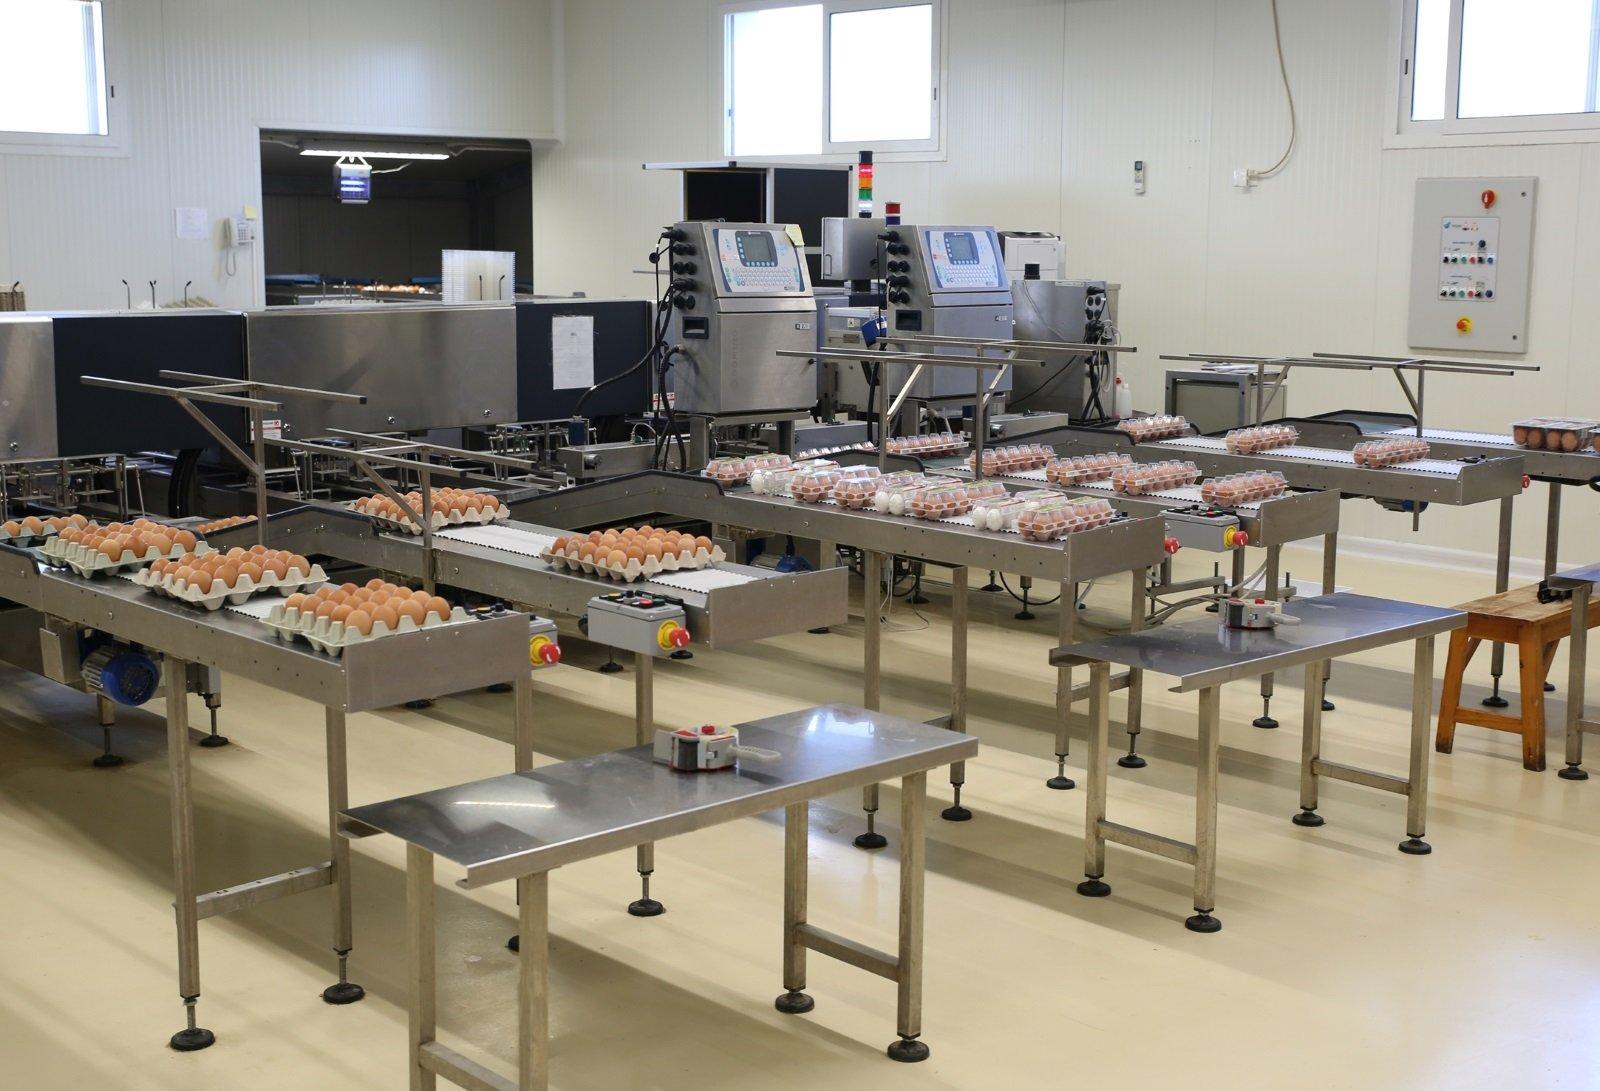 Interno della fabbrica per allevamento uova